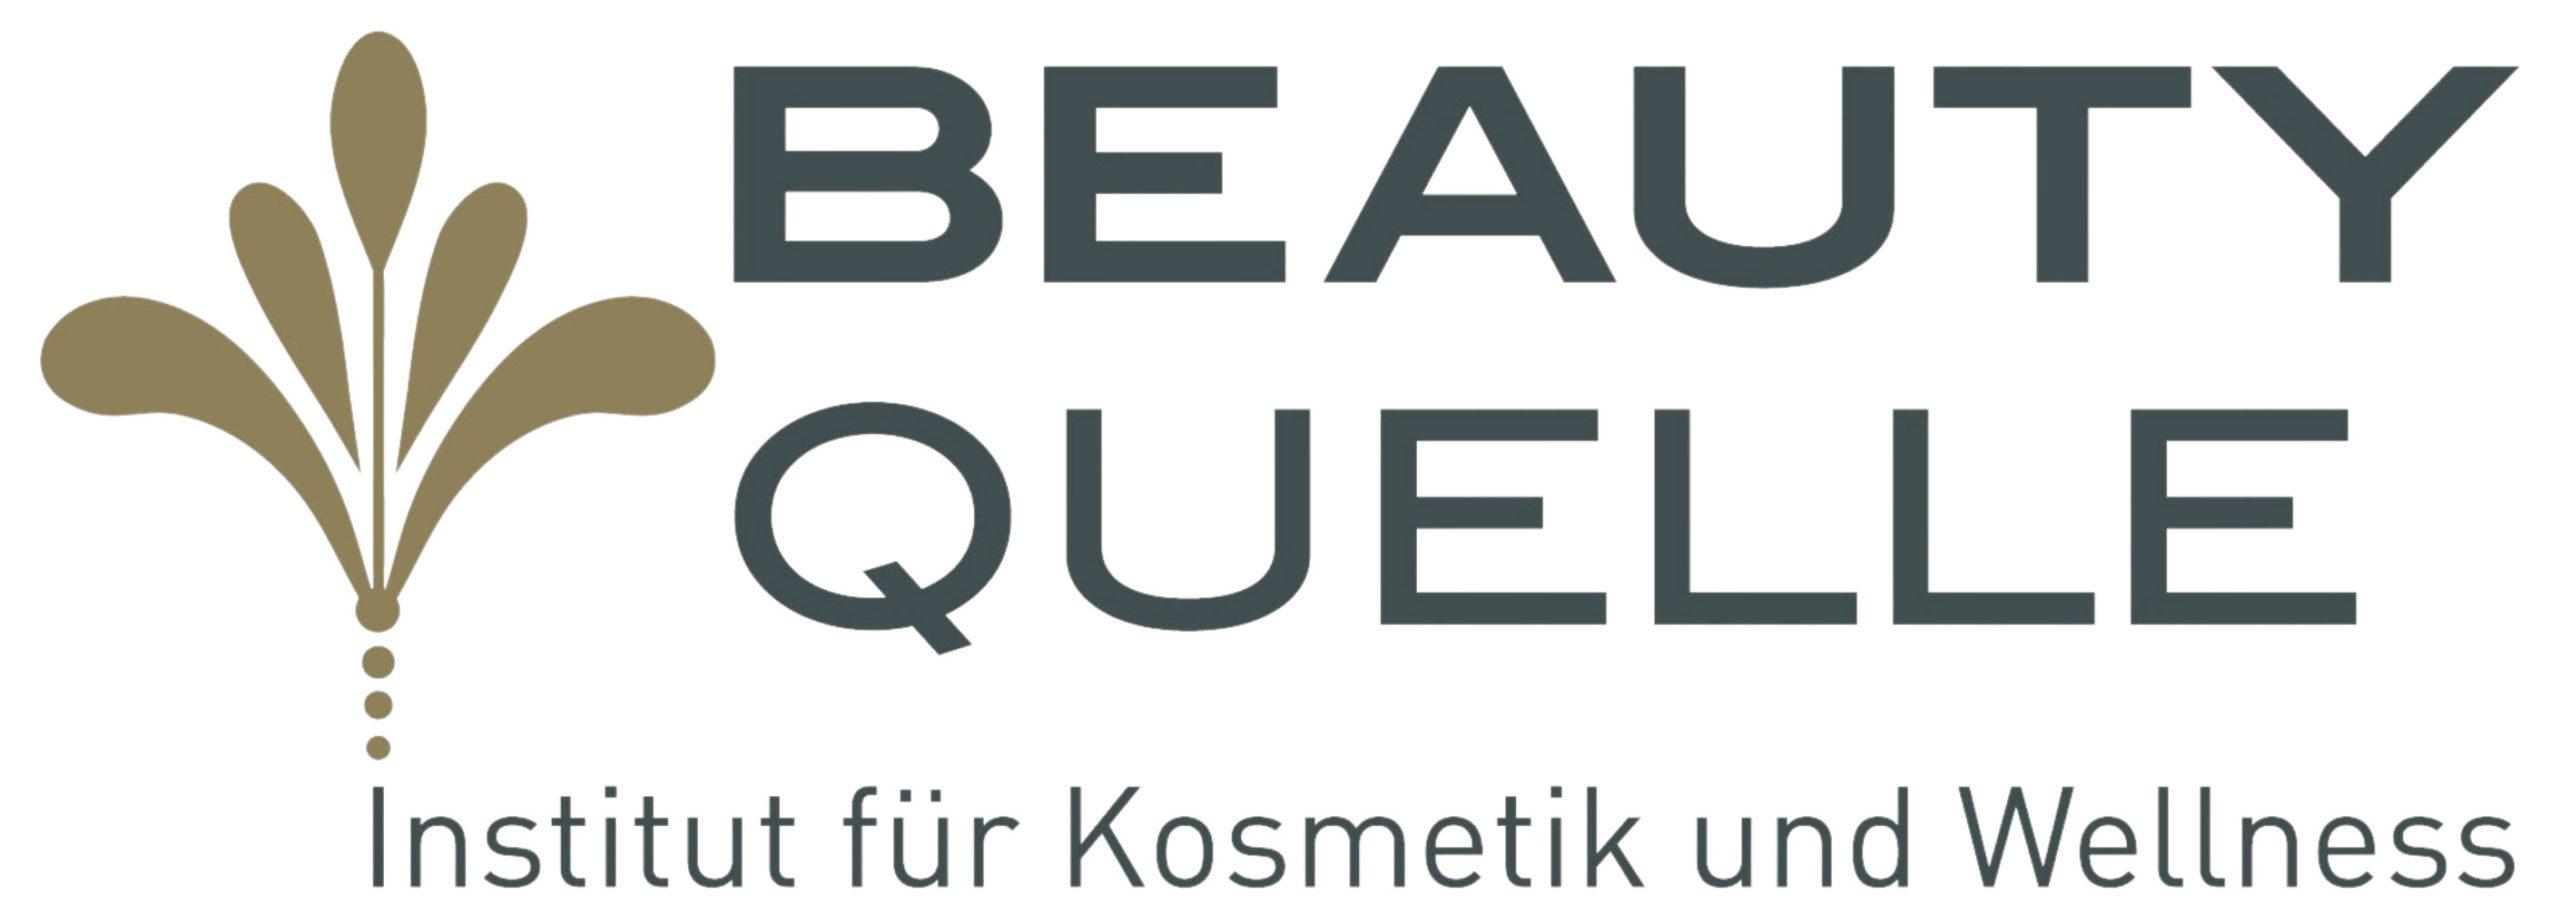 Beauty-Quelle.com | Institut für Kosmetik und Wellness